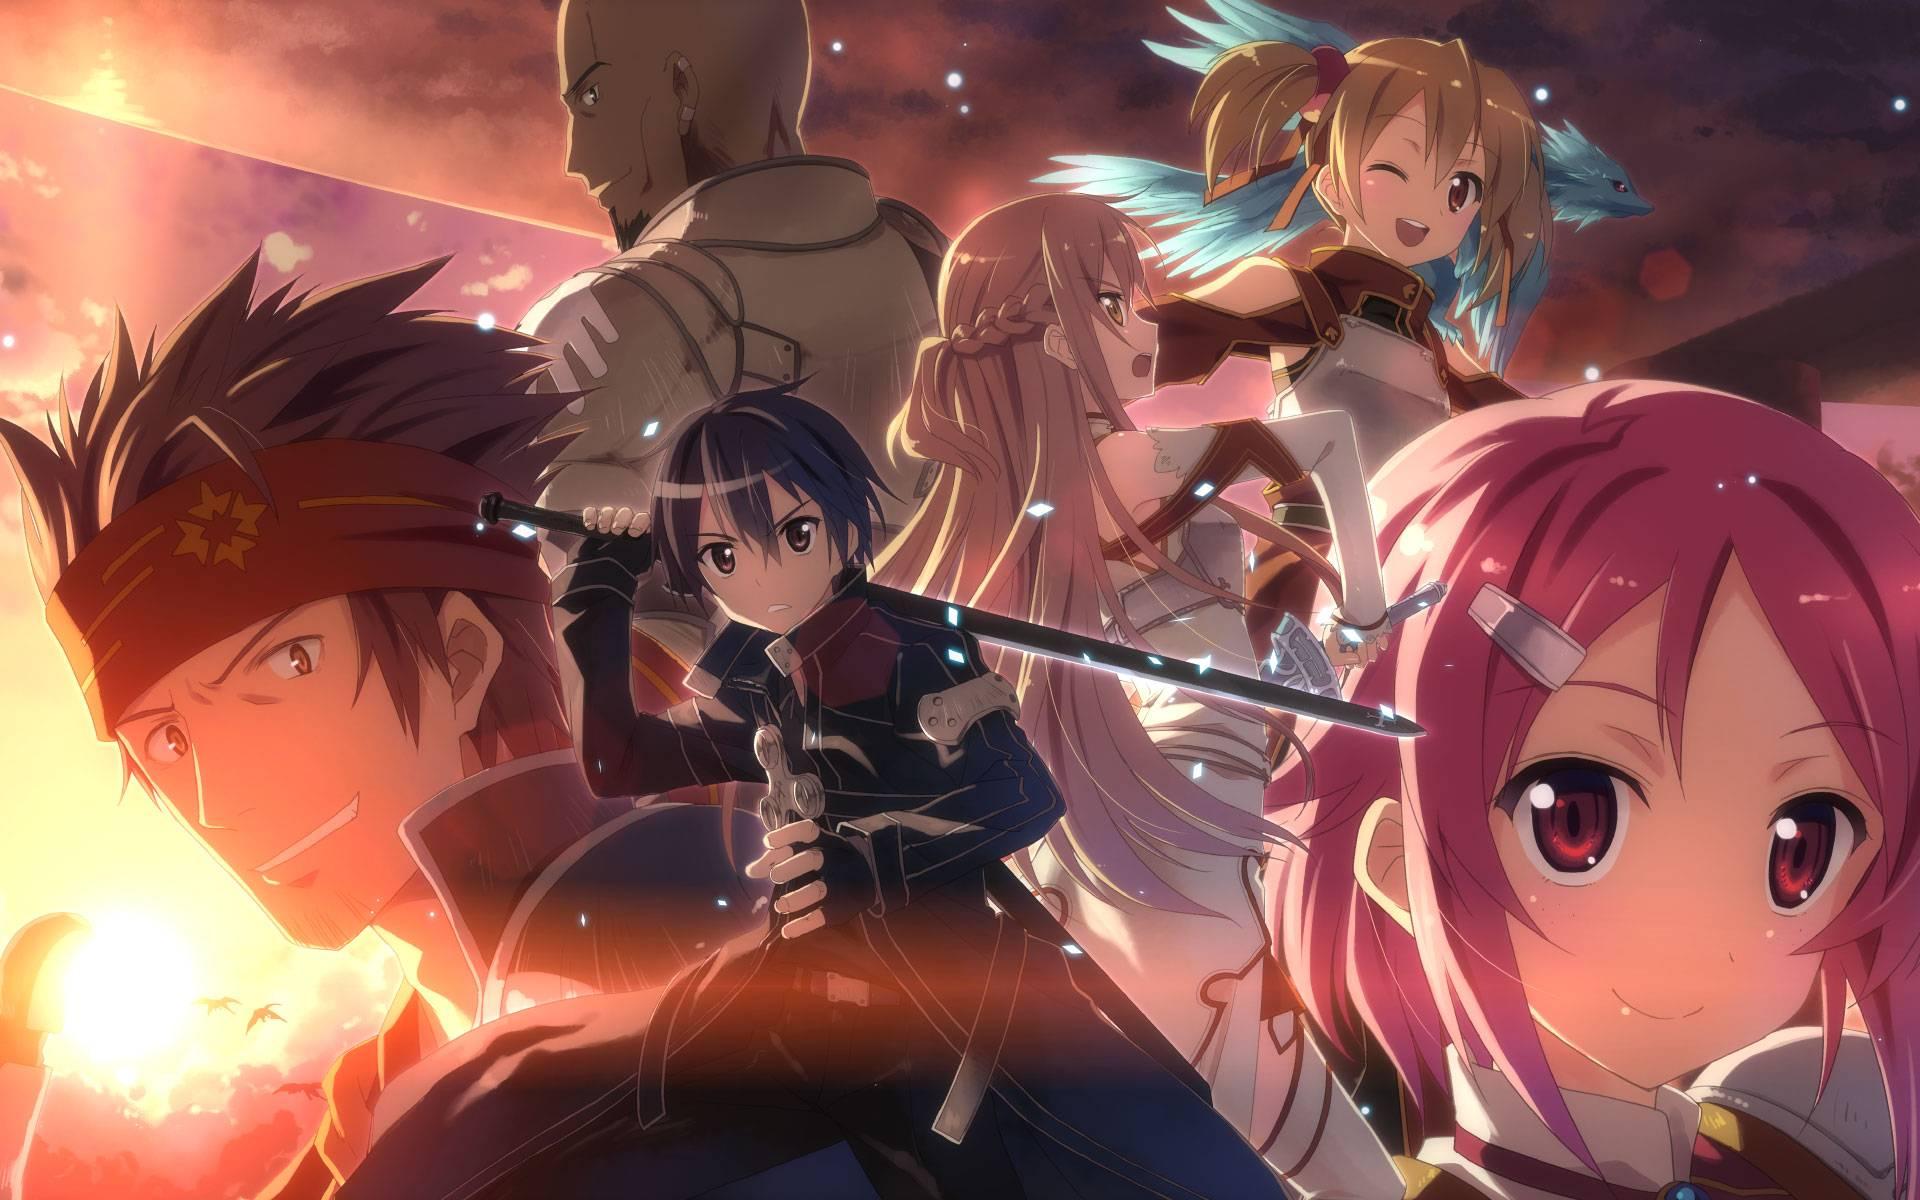 Sword Art Online wallpaper 55